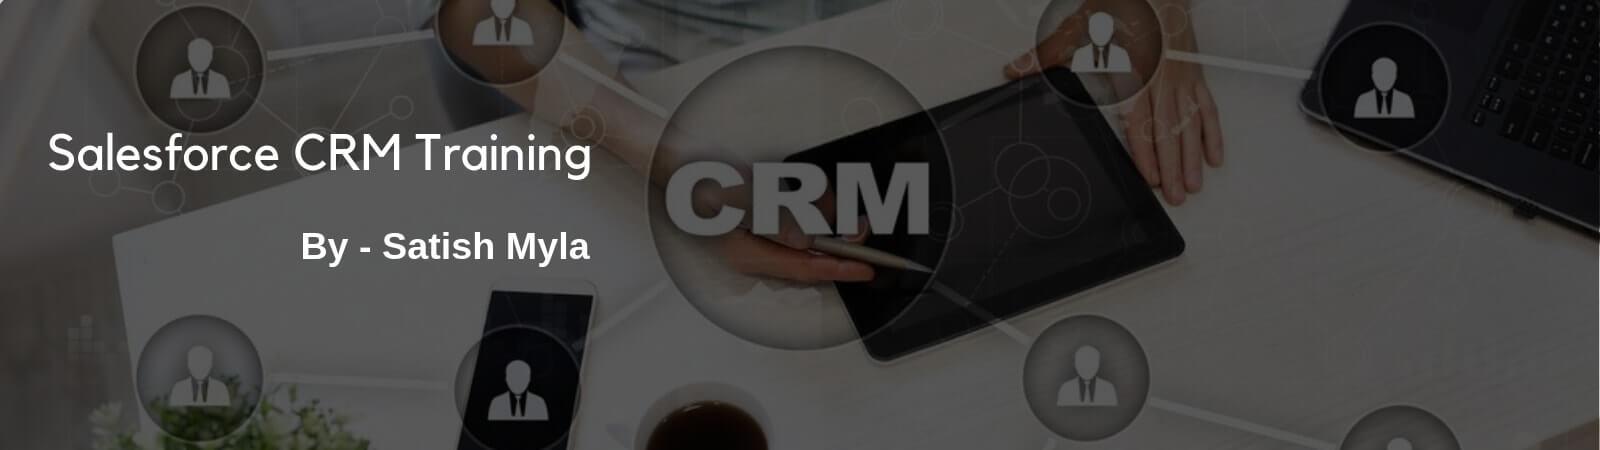 Salesforce CRM Banner